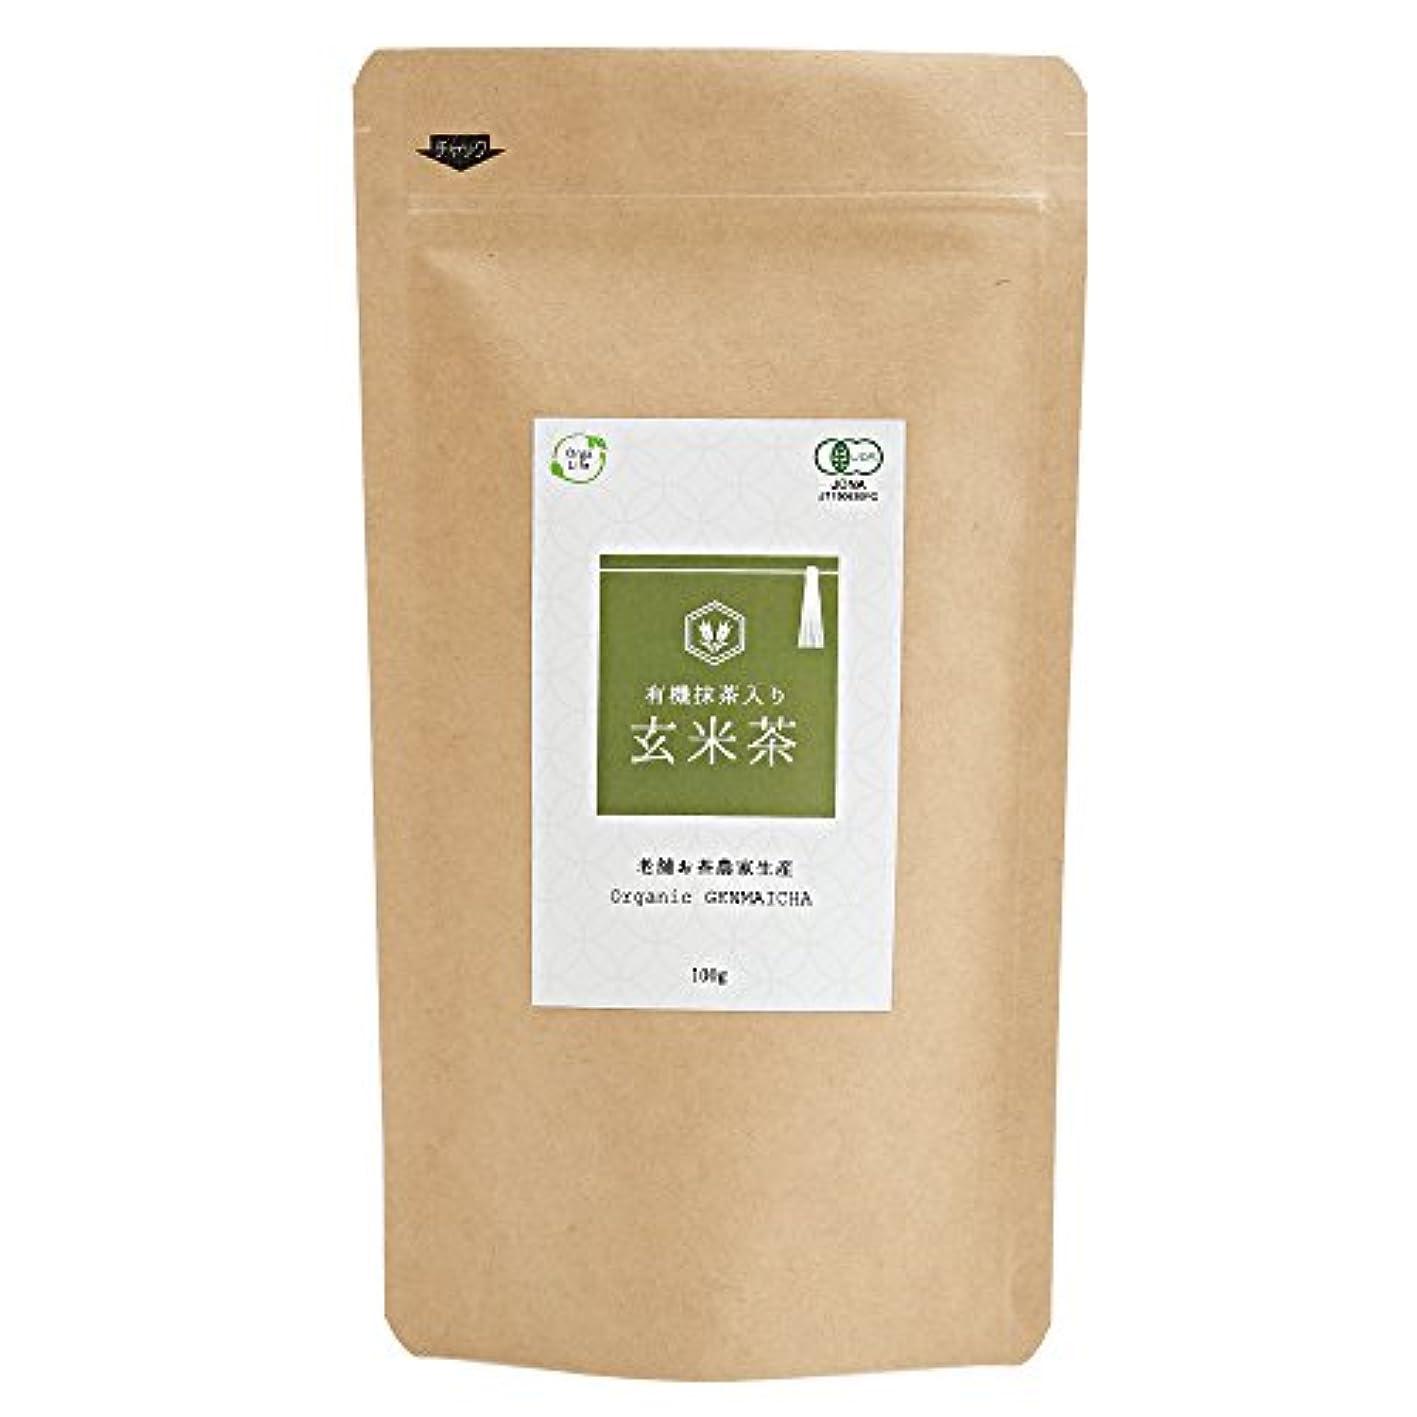 柔和入り口インシデントオーガライフ 抹茶入り玄米茶 100g 国産 有機認定 茶葉 使用